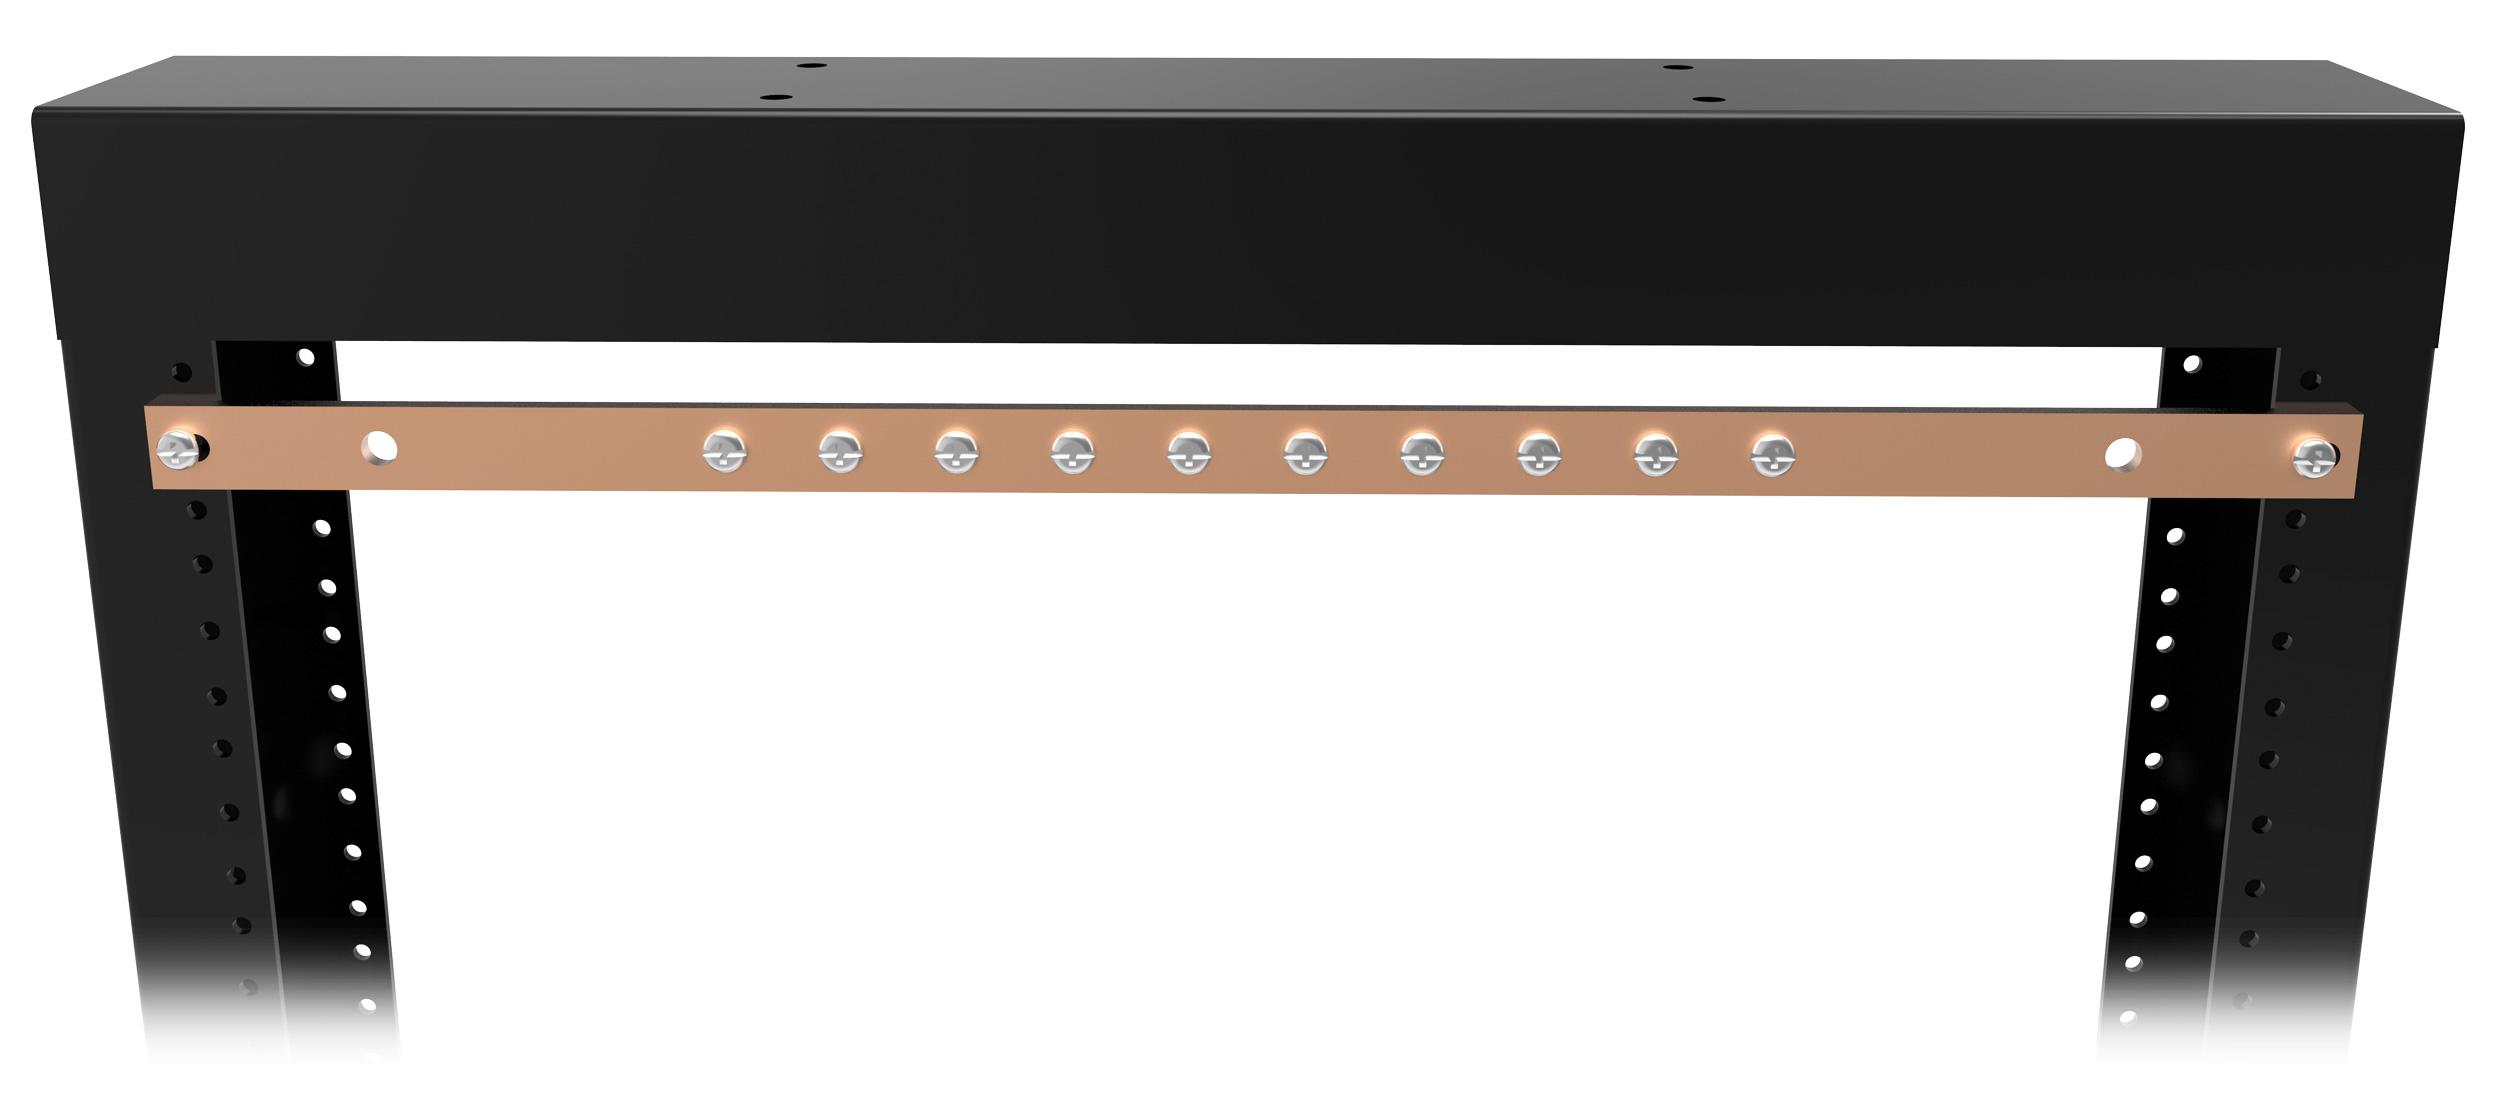 Copper Busbar Grdbar Series Hammond Mfg